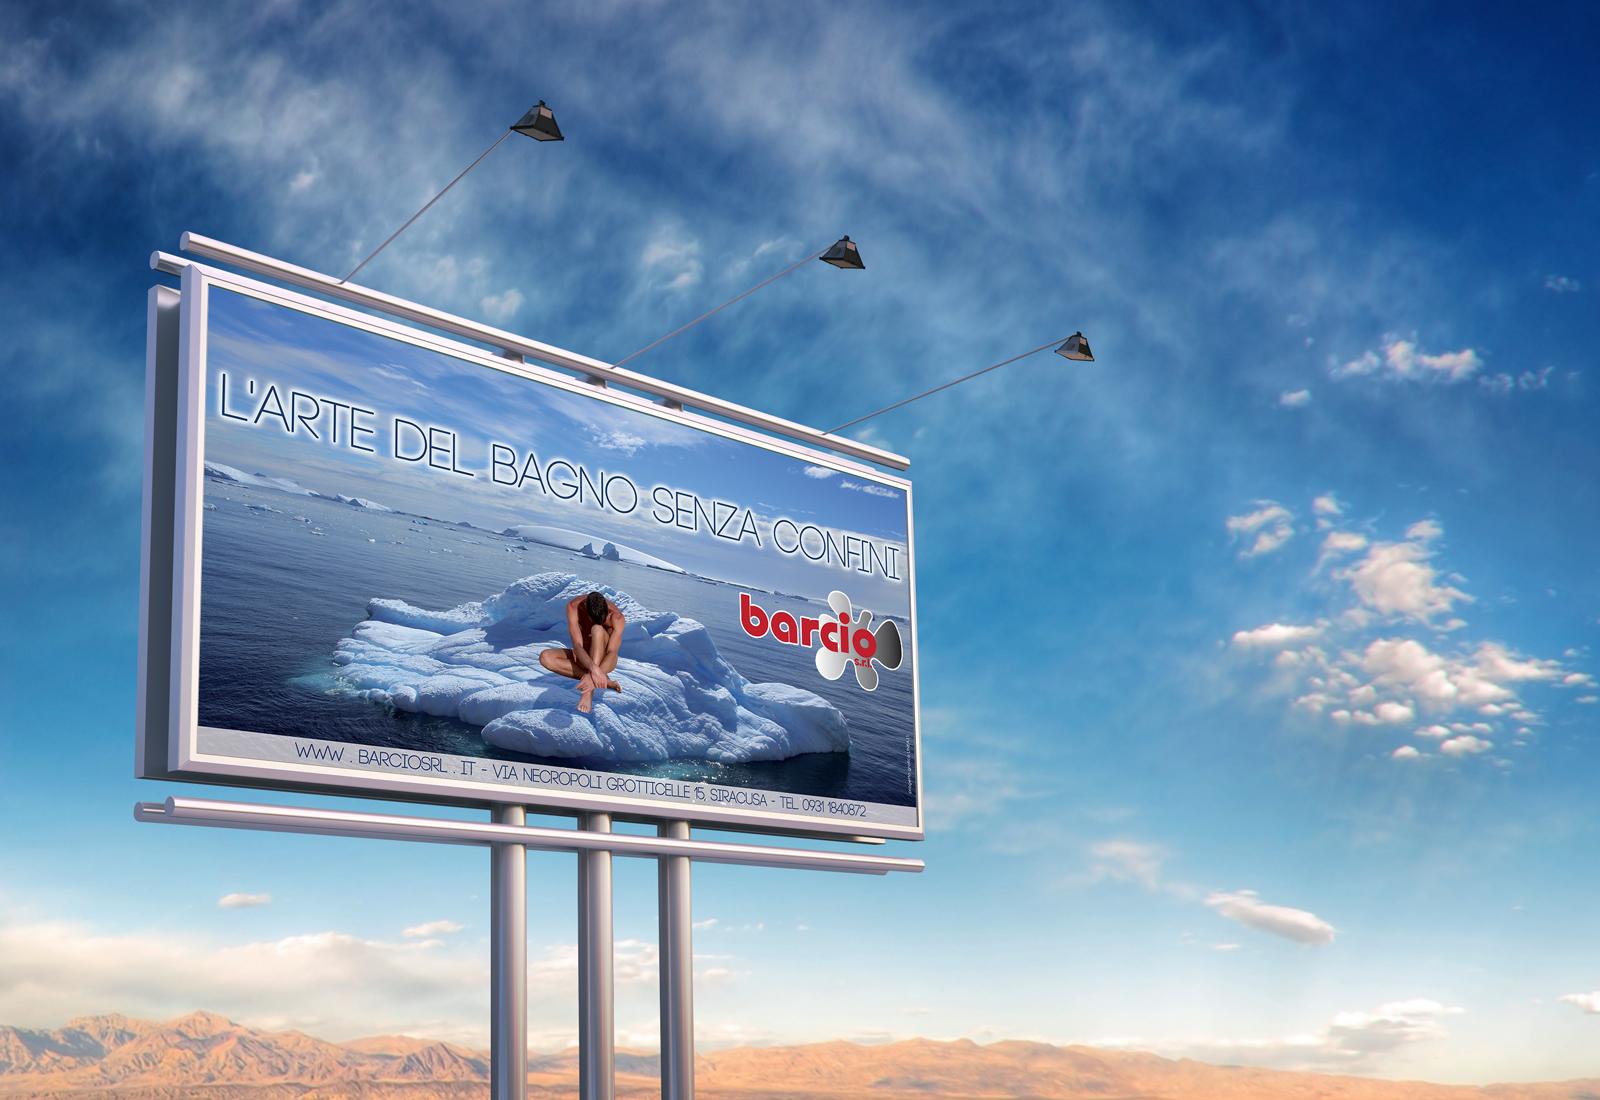 2013 BARCIO CERAMICHE - Linea 11 Siracusa - Comunicazione, adv, pubblicità